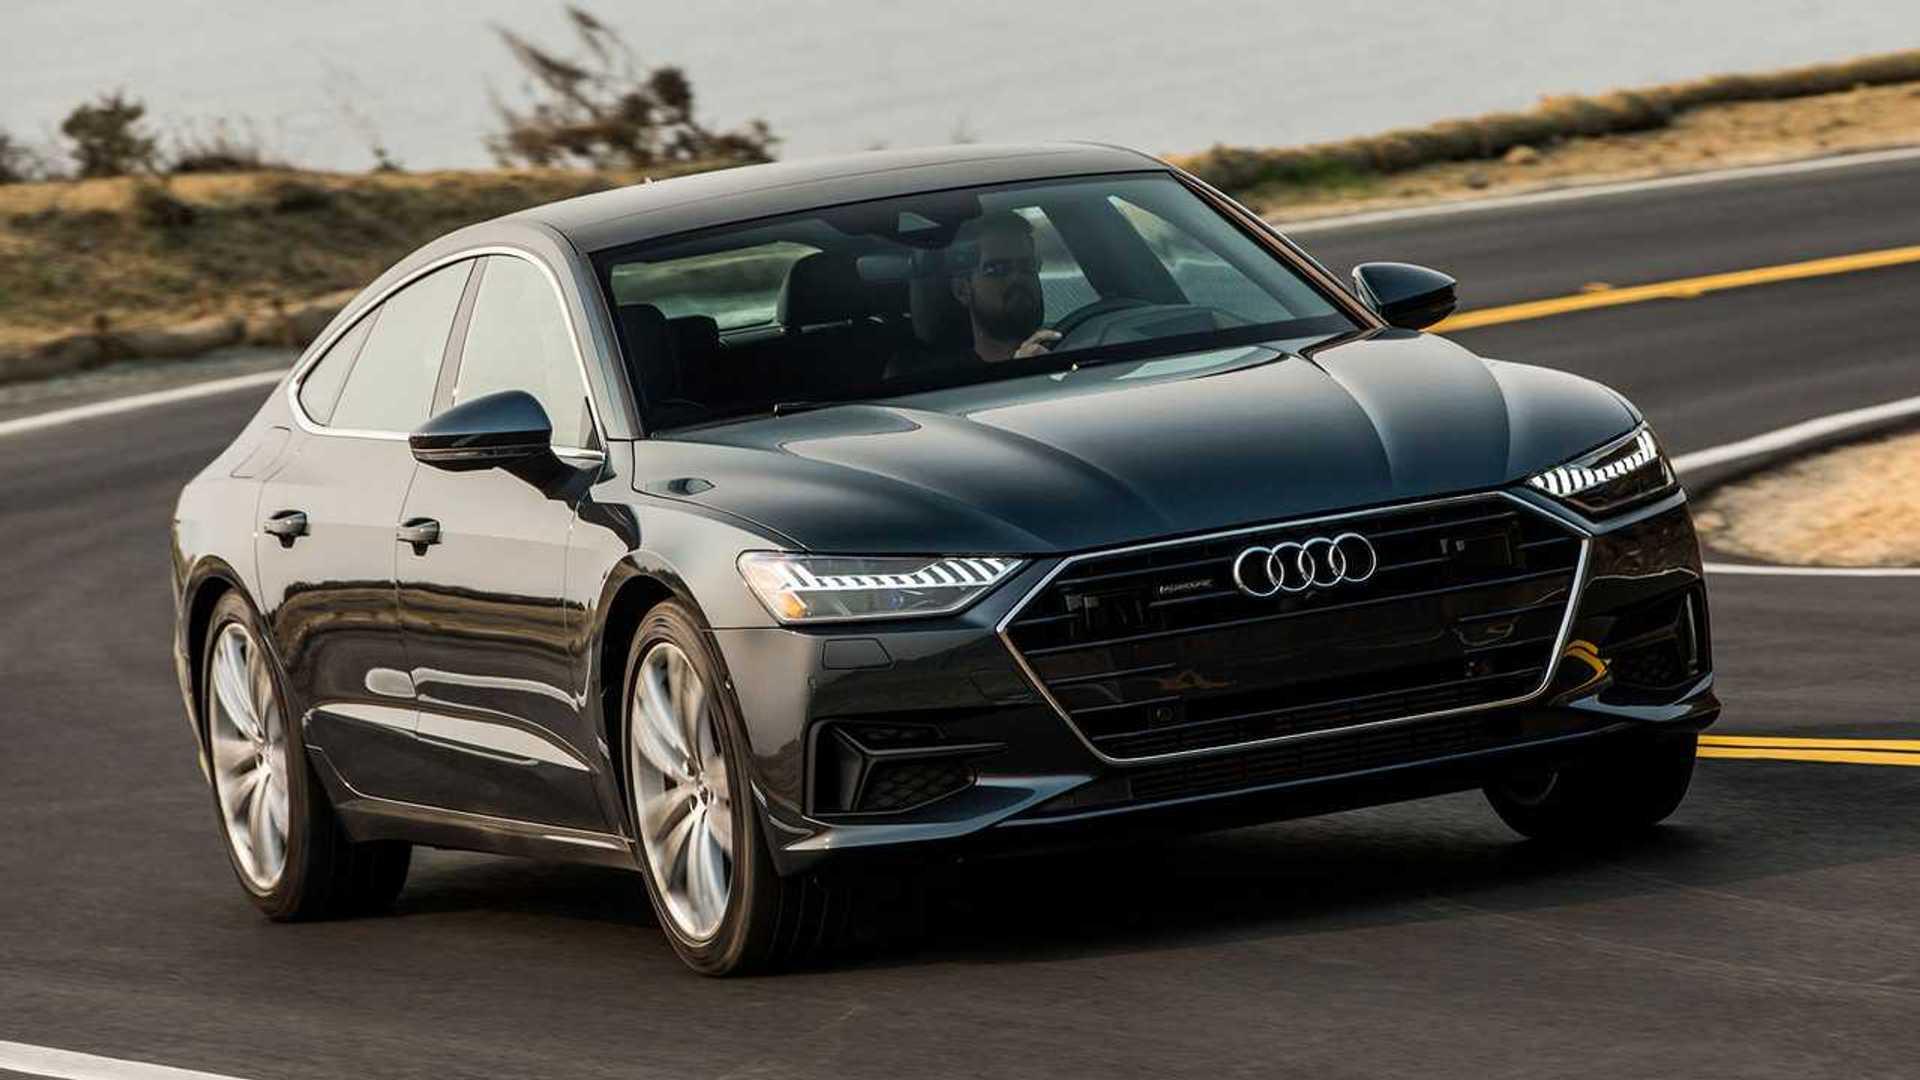 Kelebihan Kekurangan A7 Audi 2019 Review